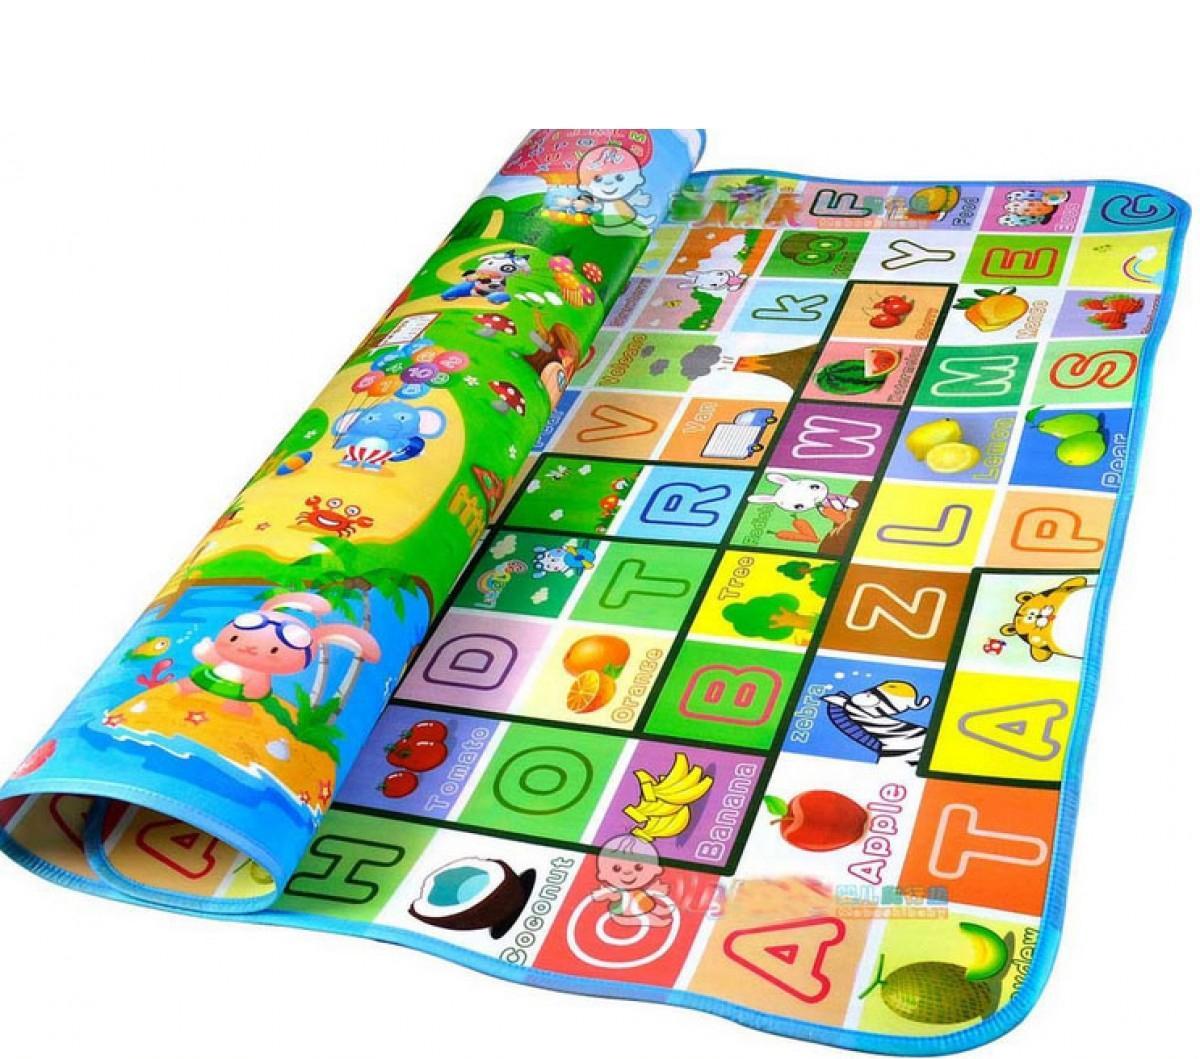 Hình ảnh Thảm chơi 2 mặt loại I cho bé Maboshi 1m8x2m